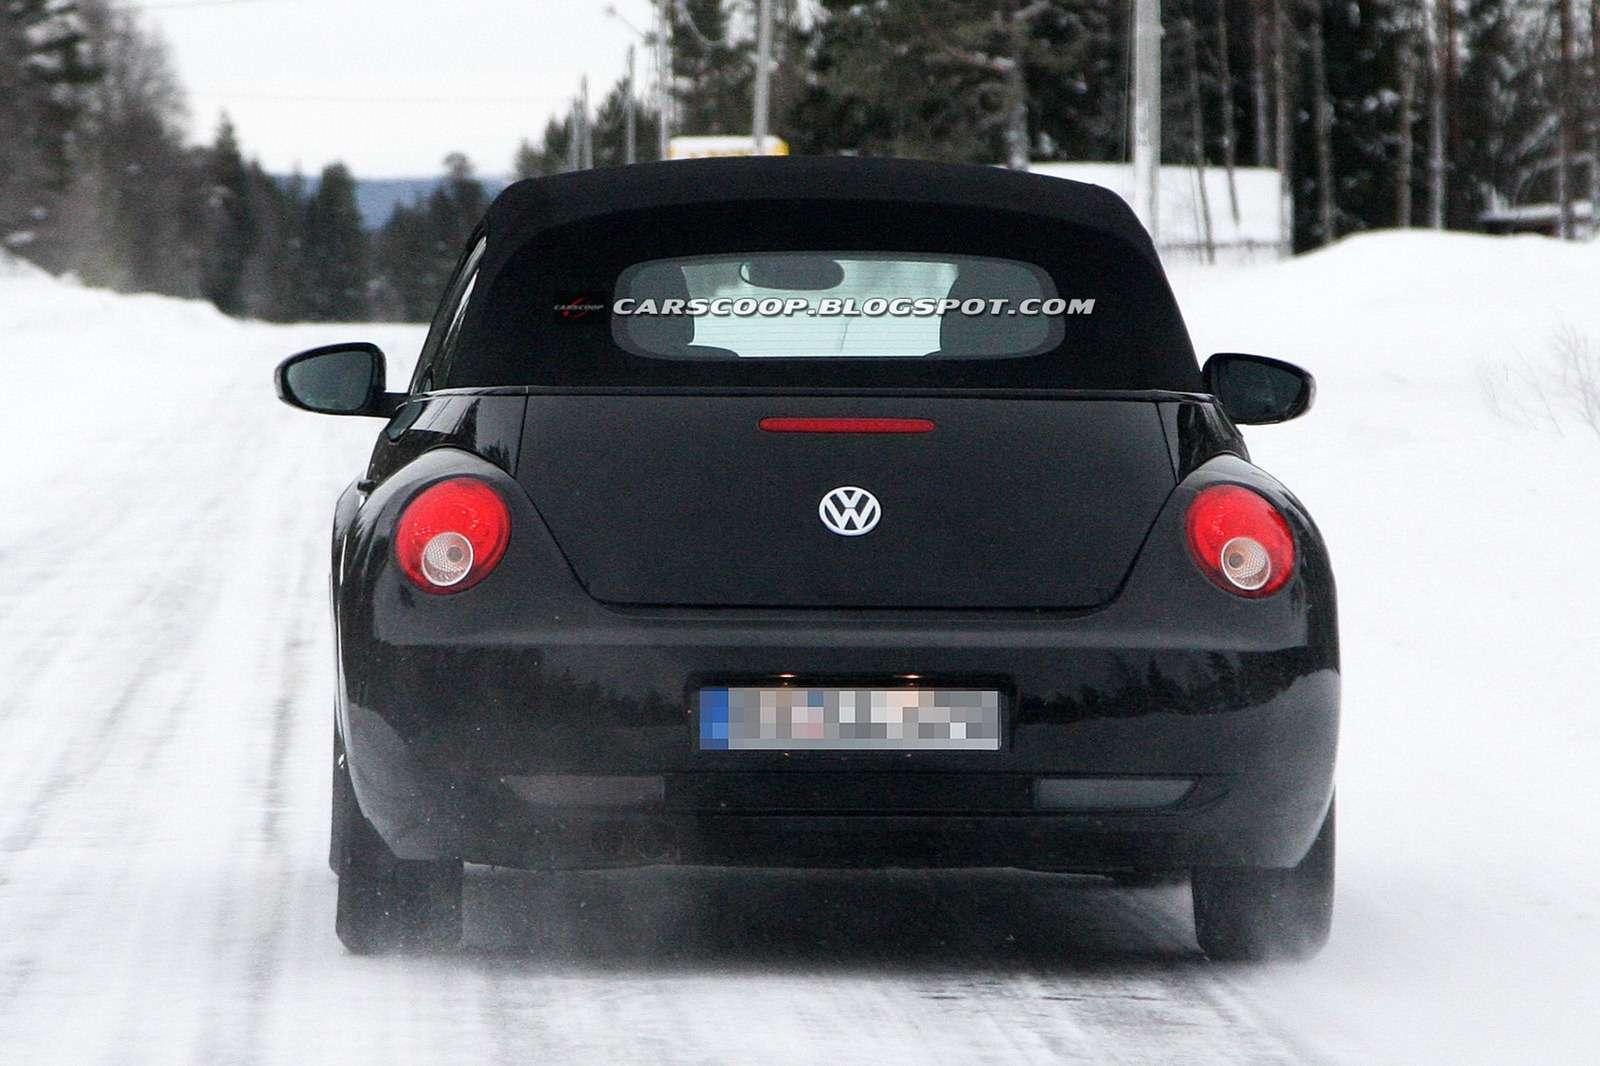 2013 Volkswagen Beetle Cabriolet szpiegowskie